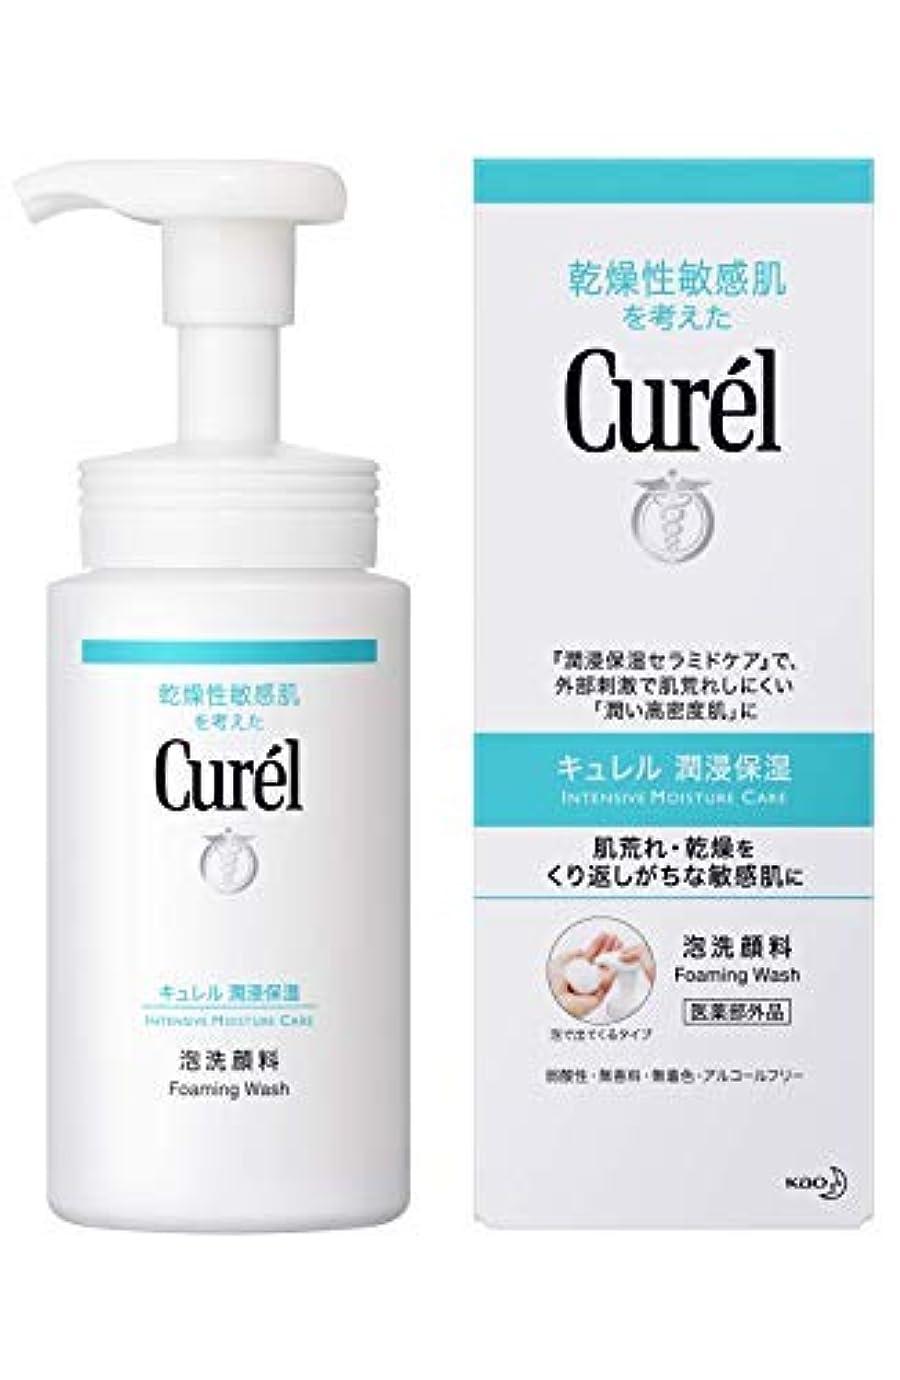 花王 キュレル 泡洗顔料 150ml × 8個セット